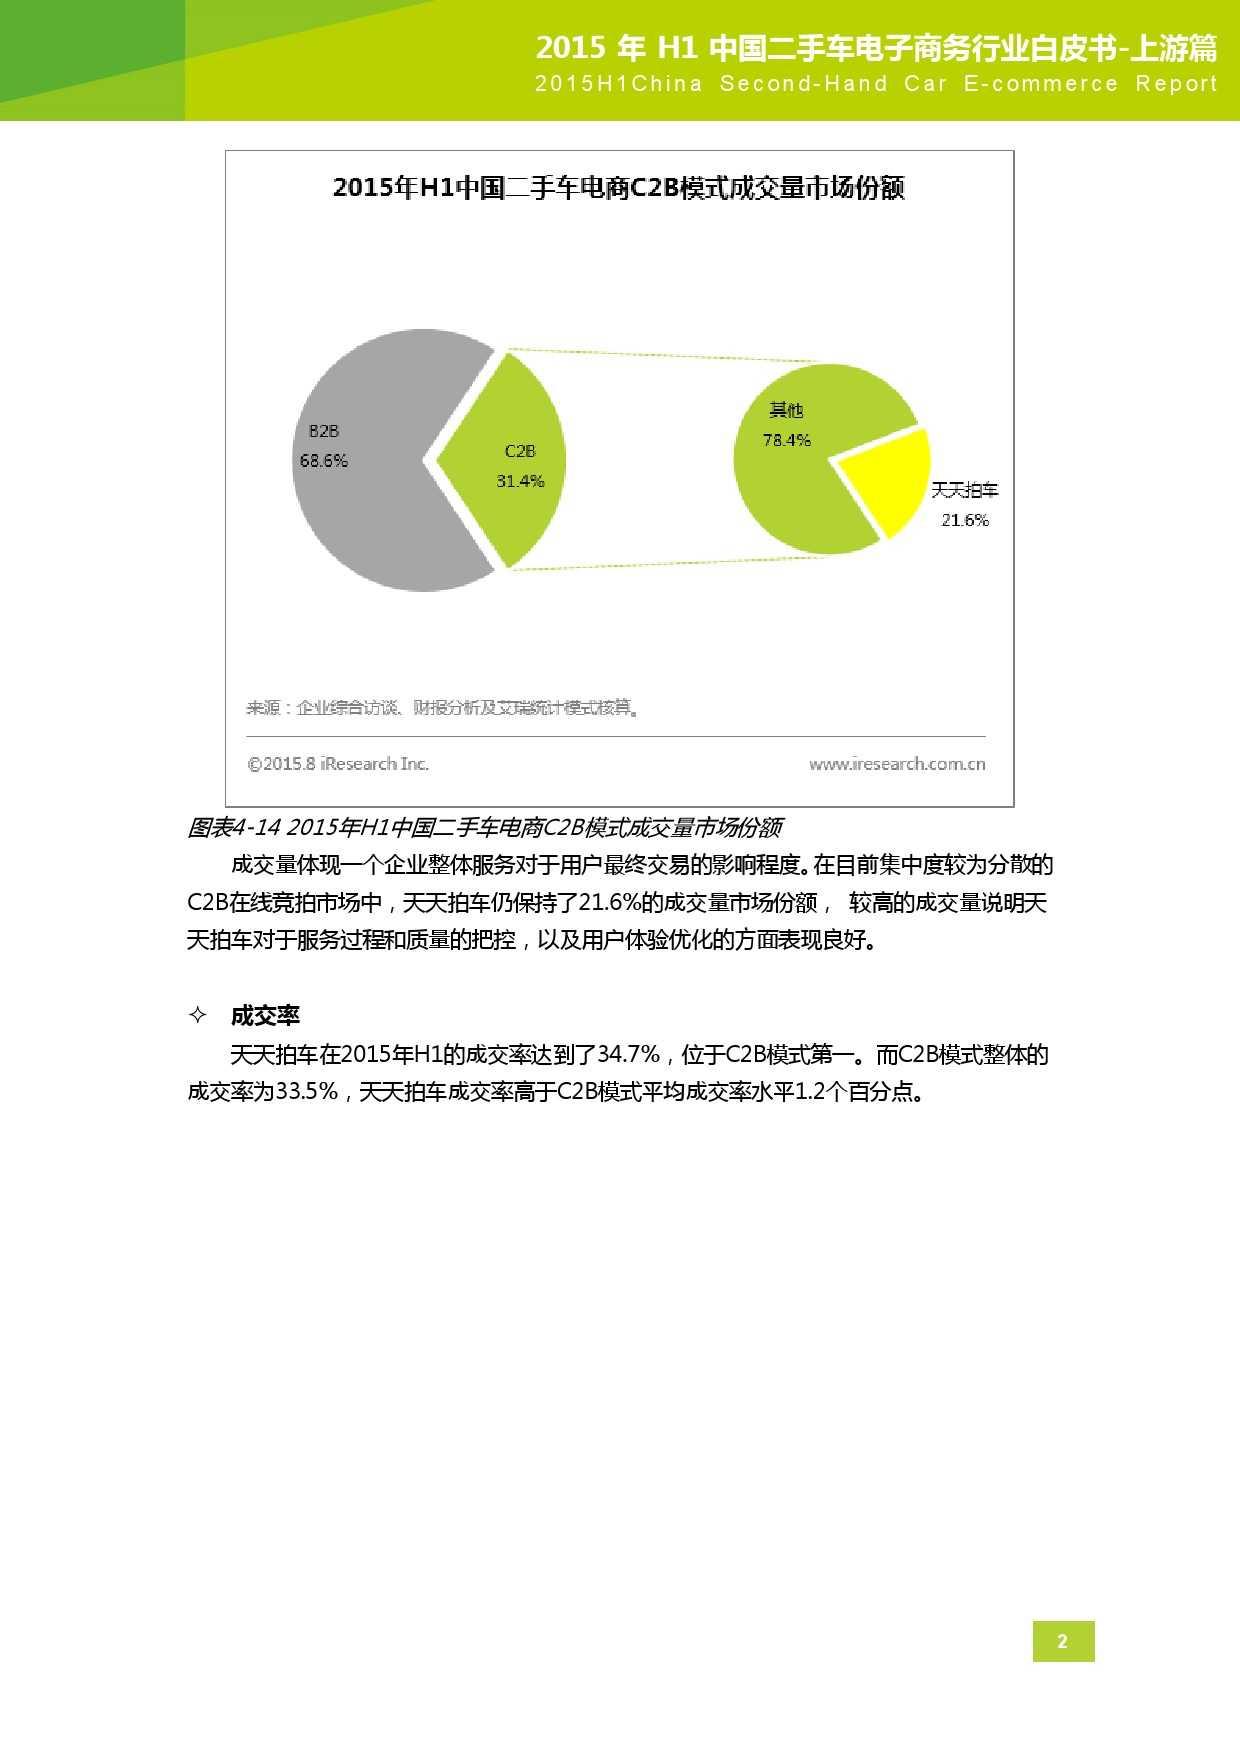 2015年中国二手车电子商务行业白皮书-上游篇_000051